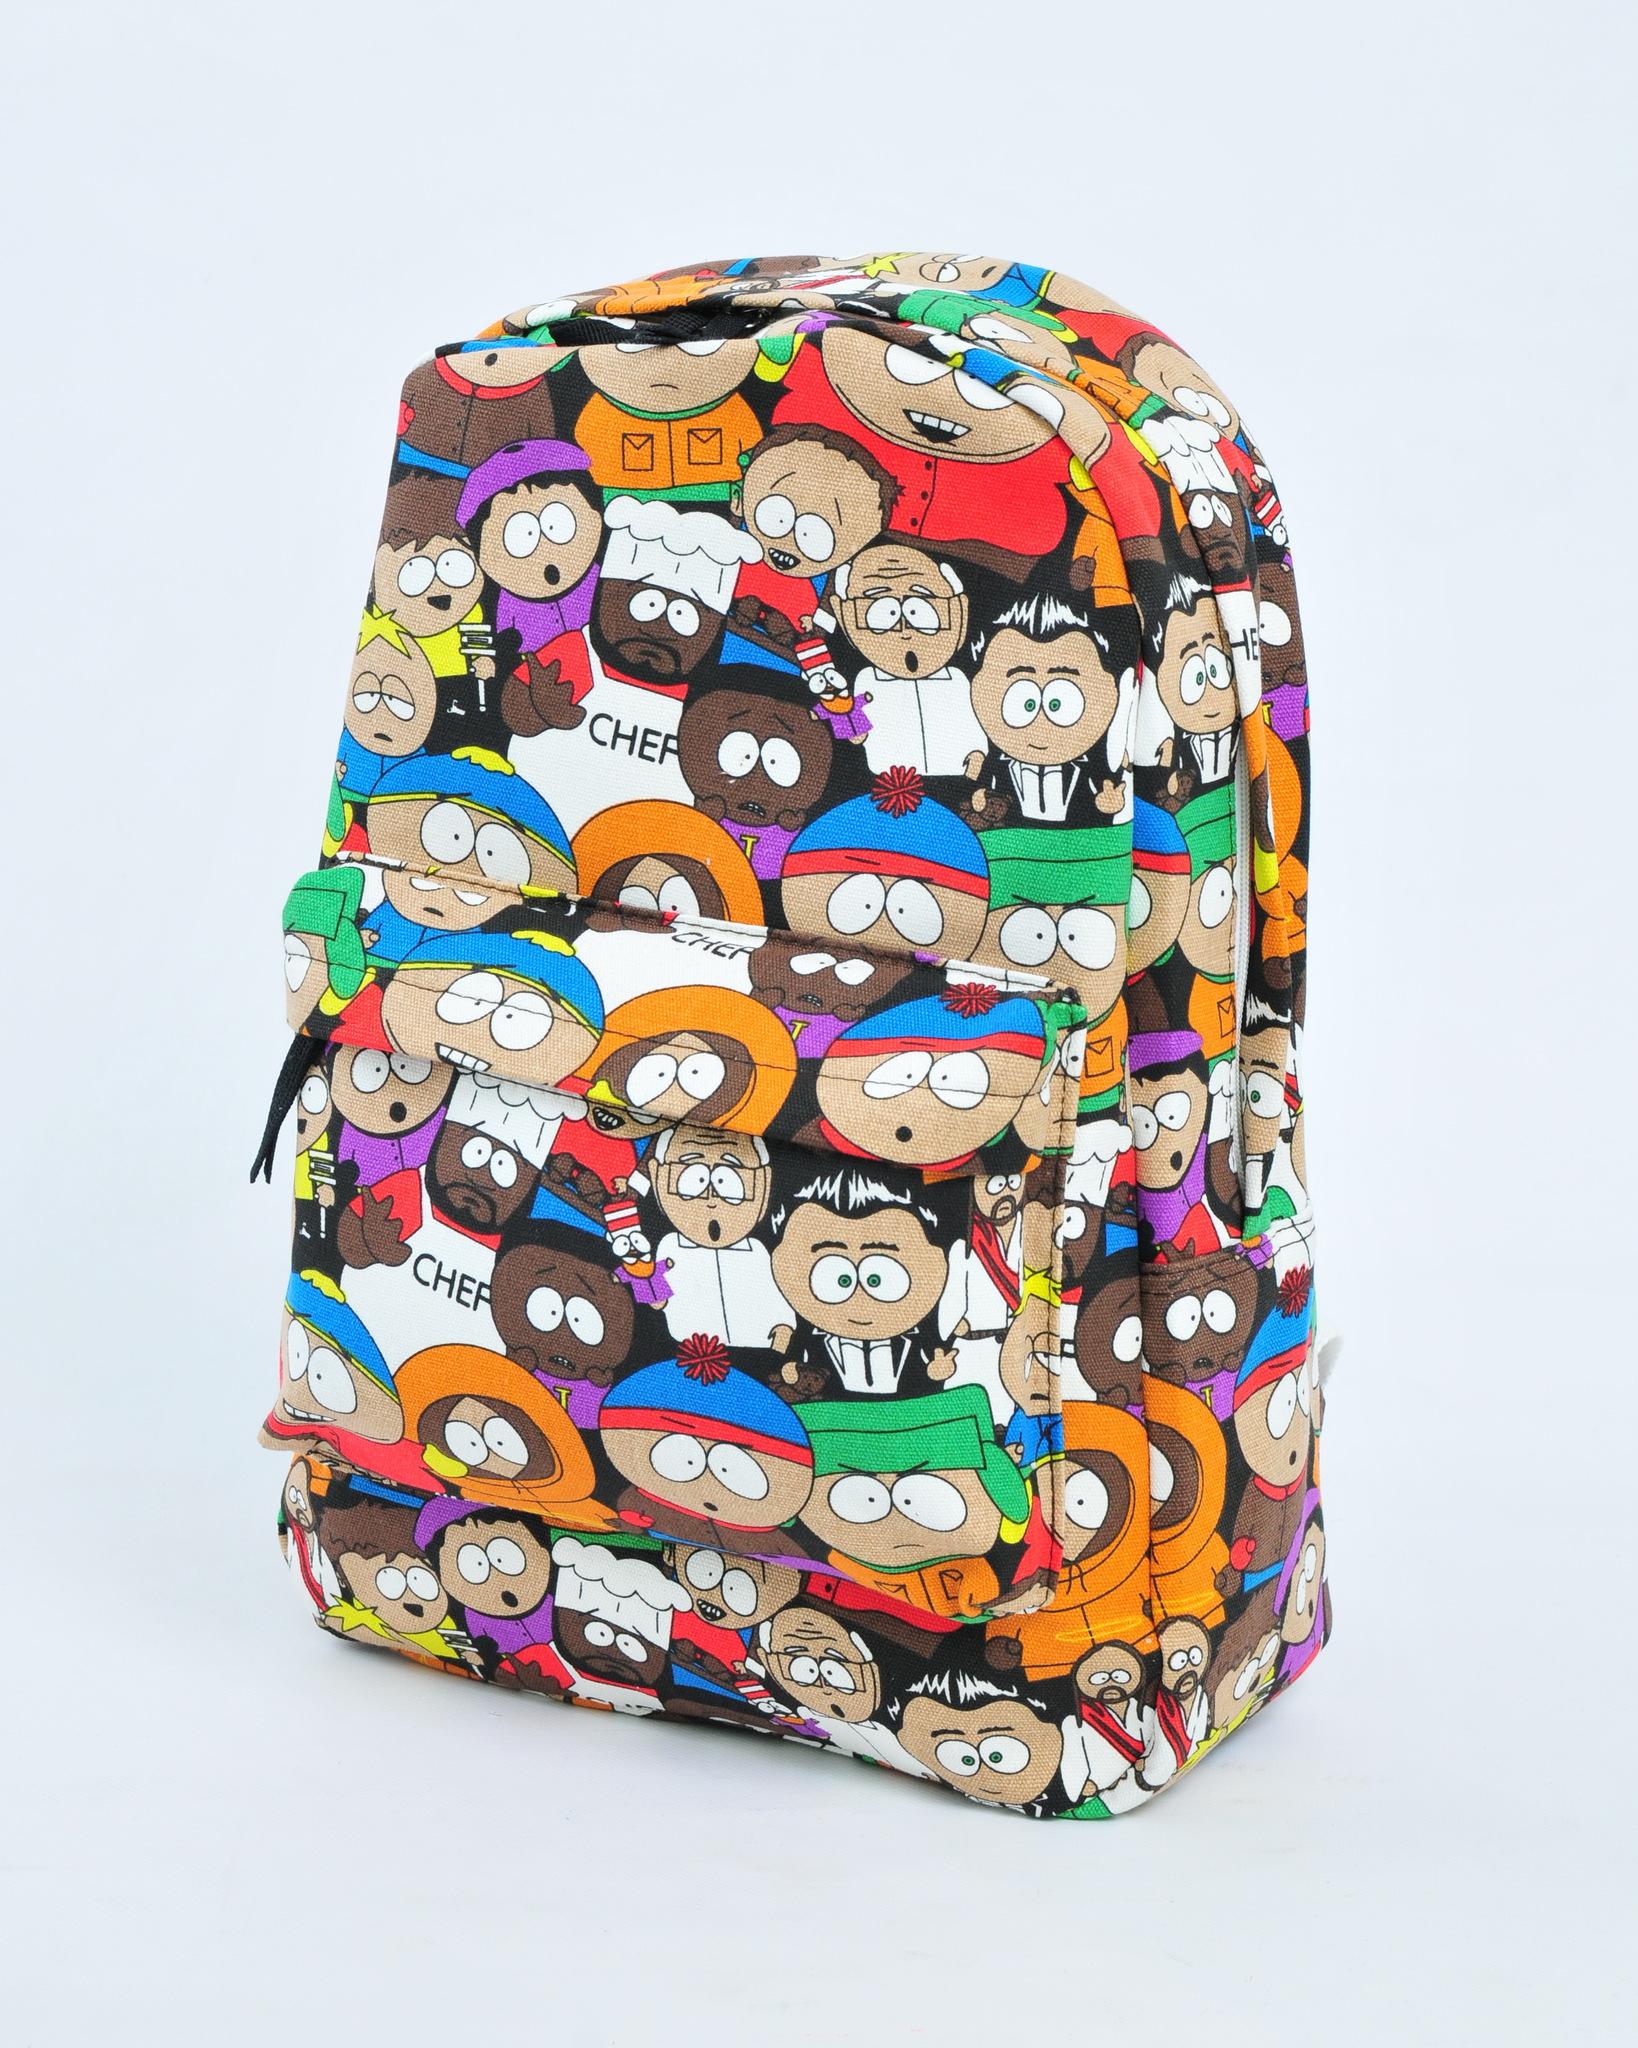 Рюкзаки с южным парком pierre cardin кенгуру - рюкзак как носить новорожденных